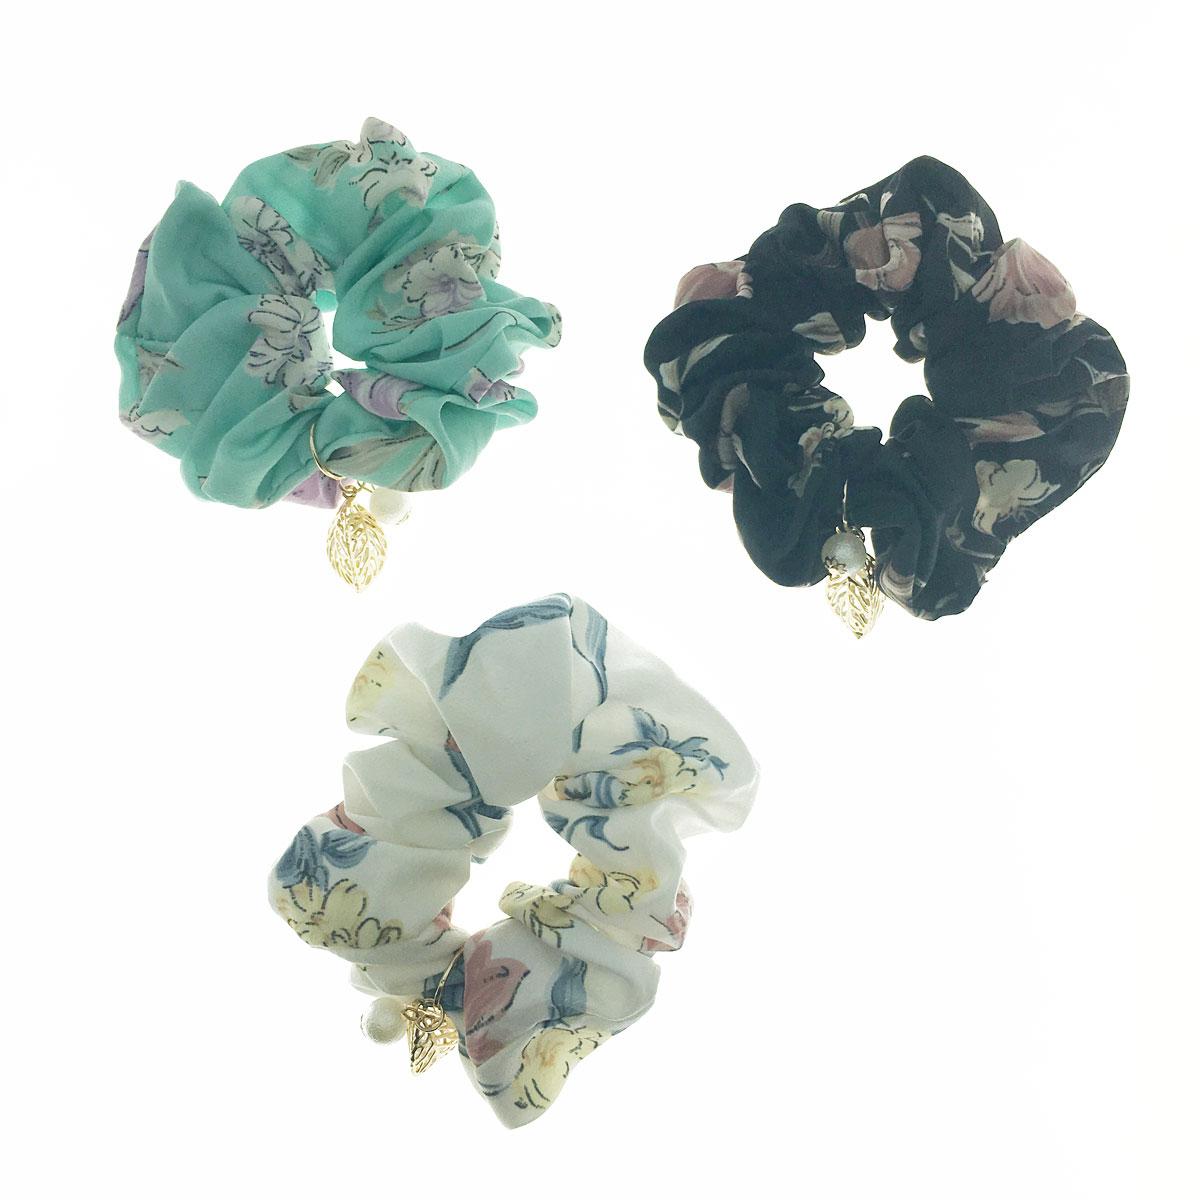 韓國 葉子 水鑽 立體 珍珠 花朵 三色 大腸圈 髮圈 髮飾